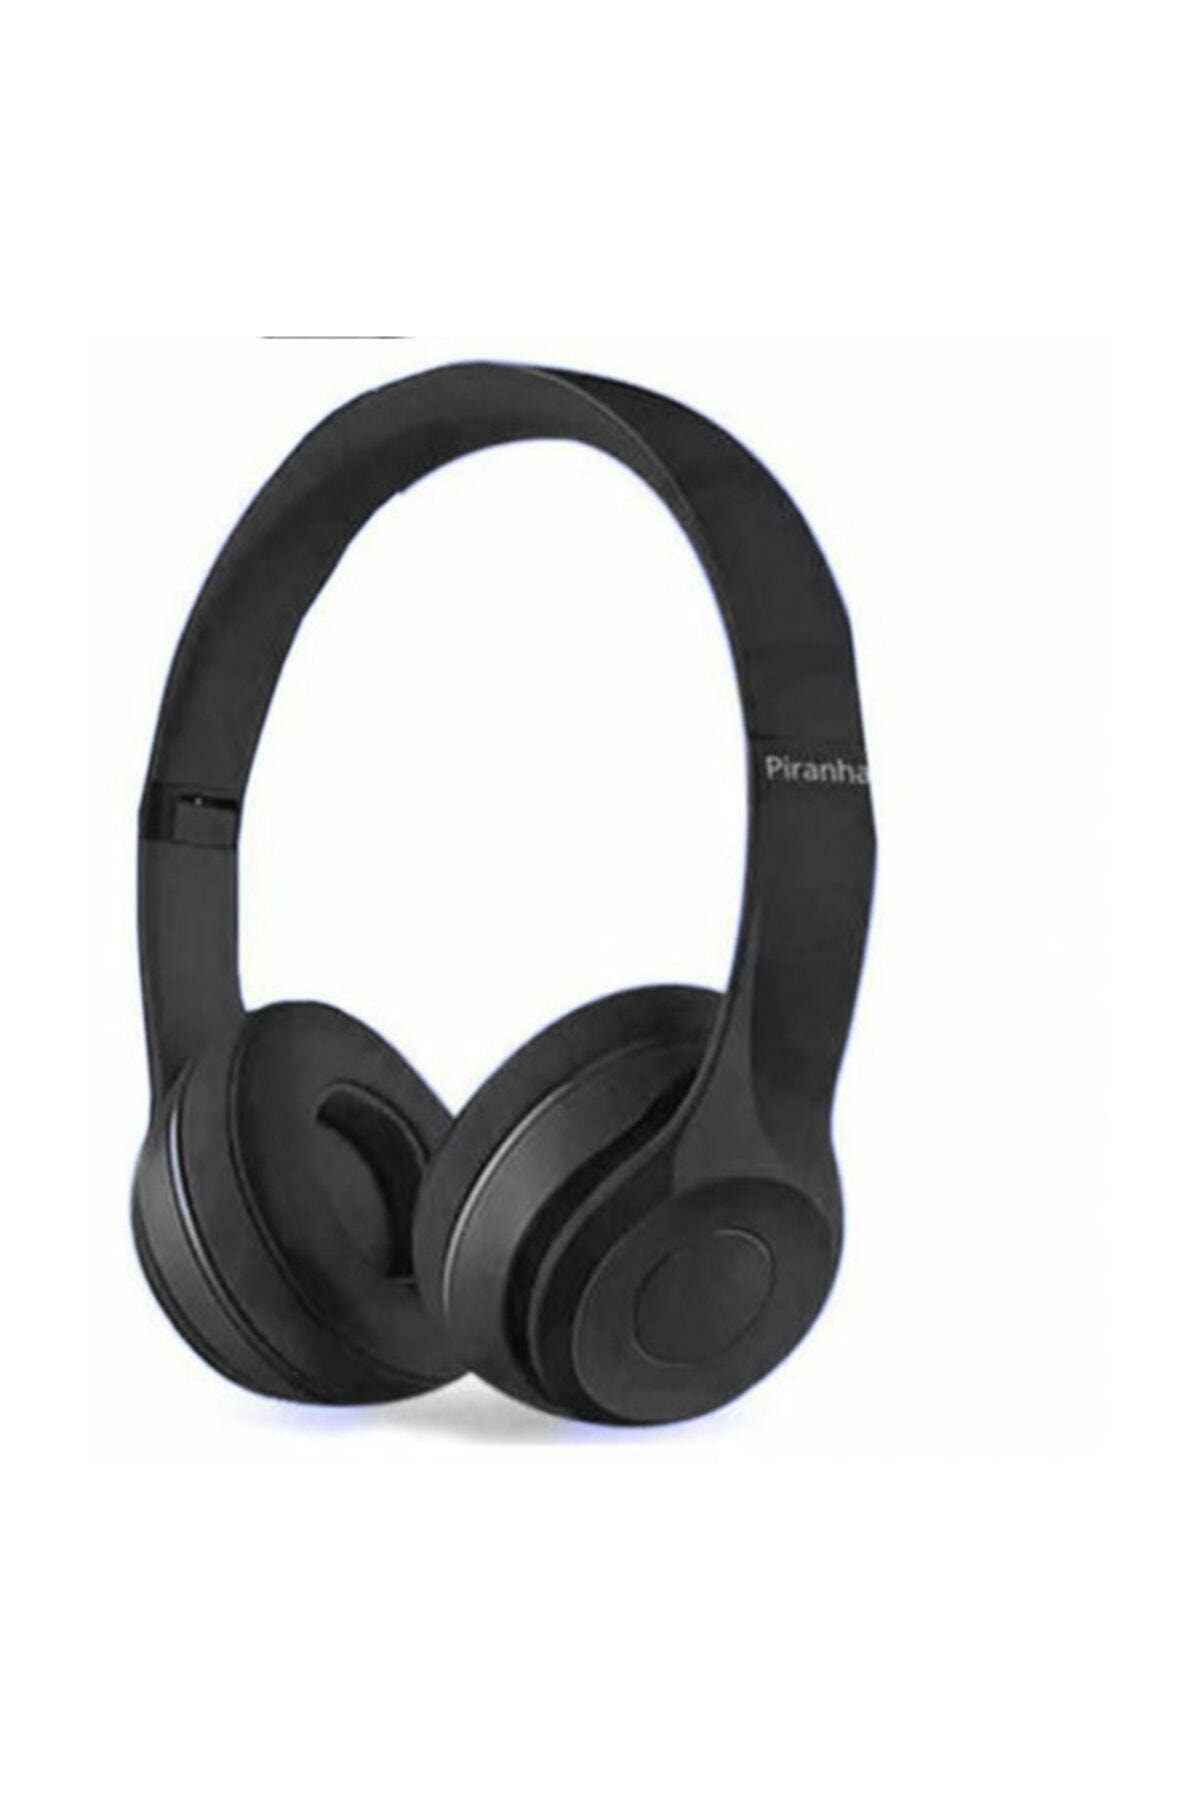 Piranha Kablosuz Kulaklık Siyah 2201 Bt 1